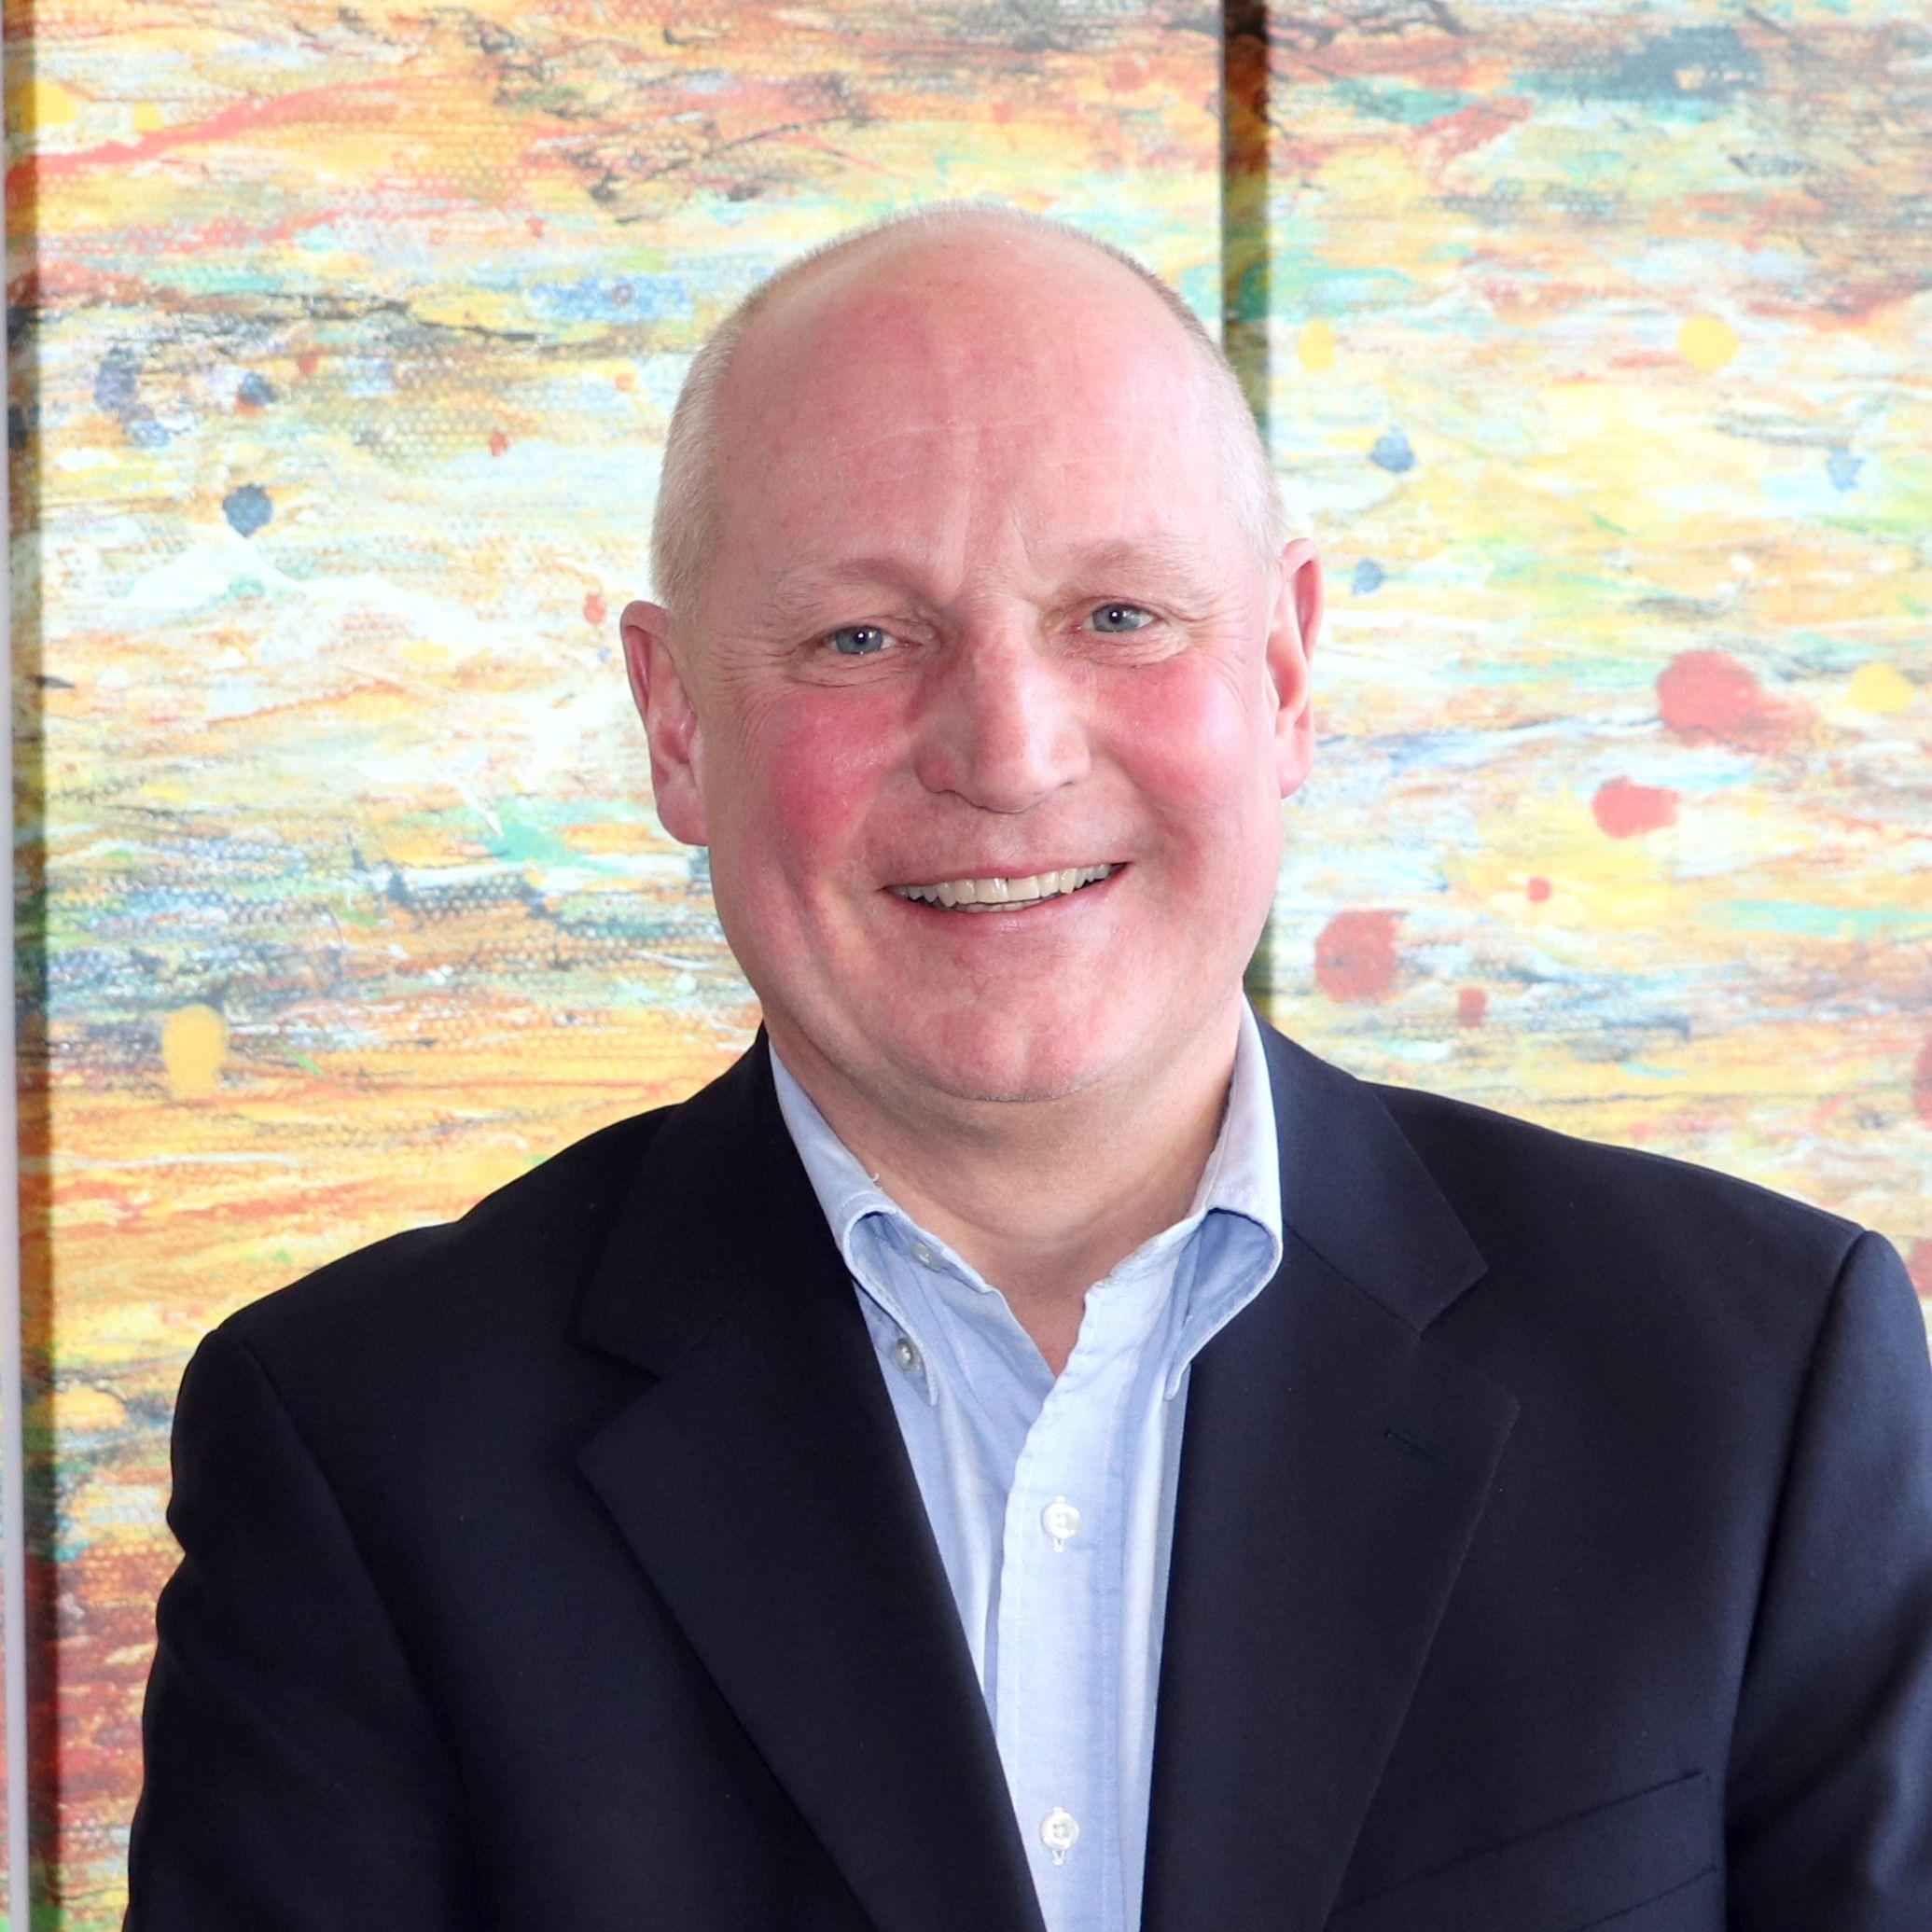 Brian G. Grissler